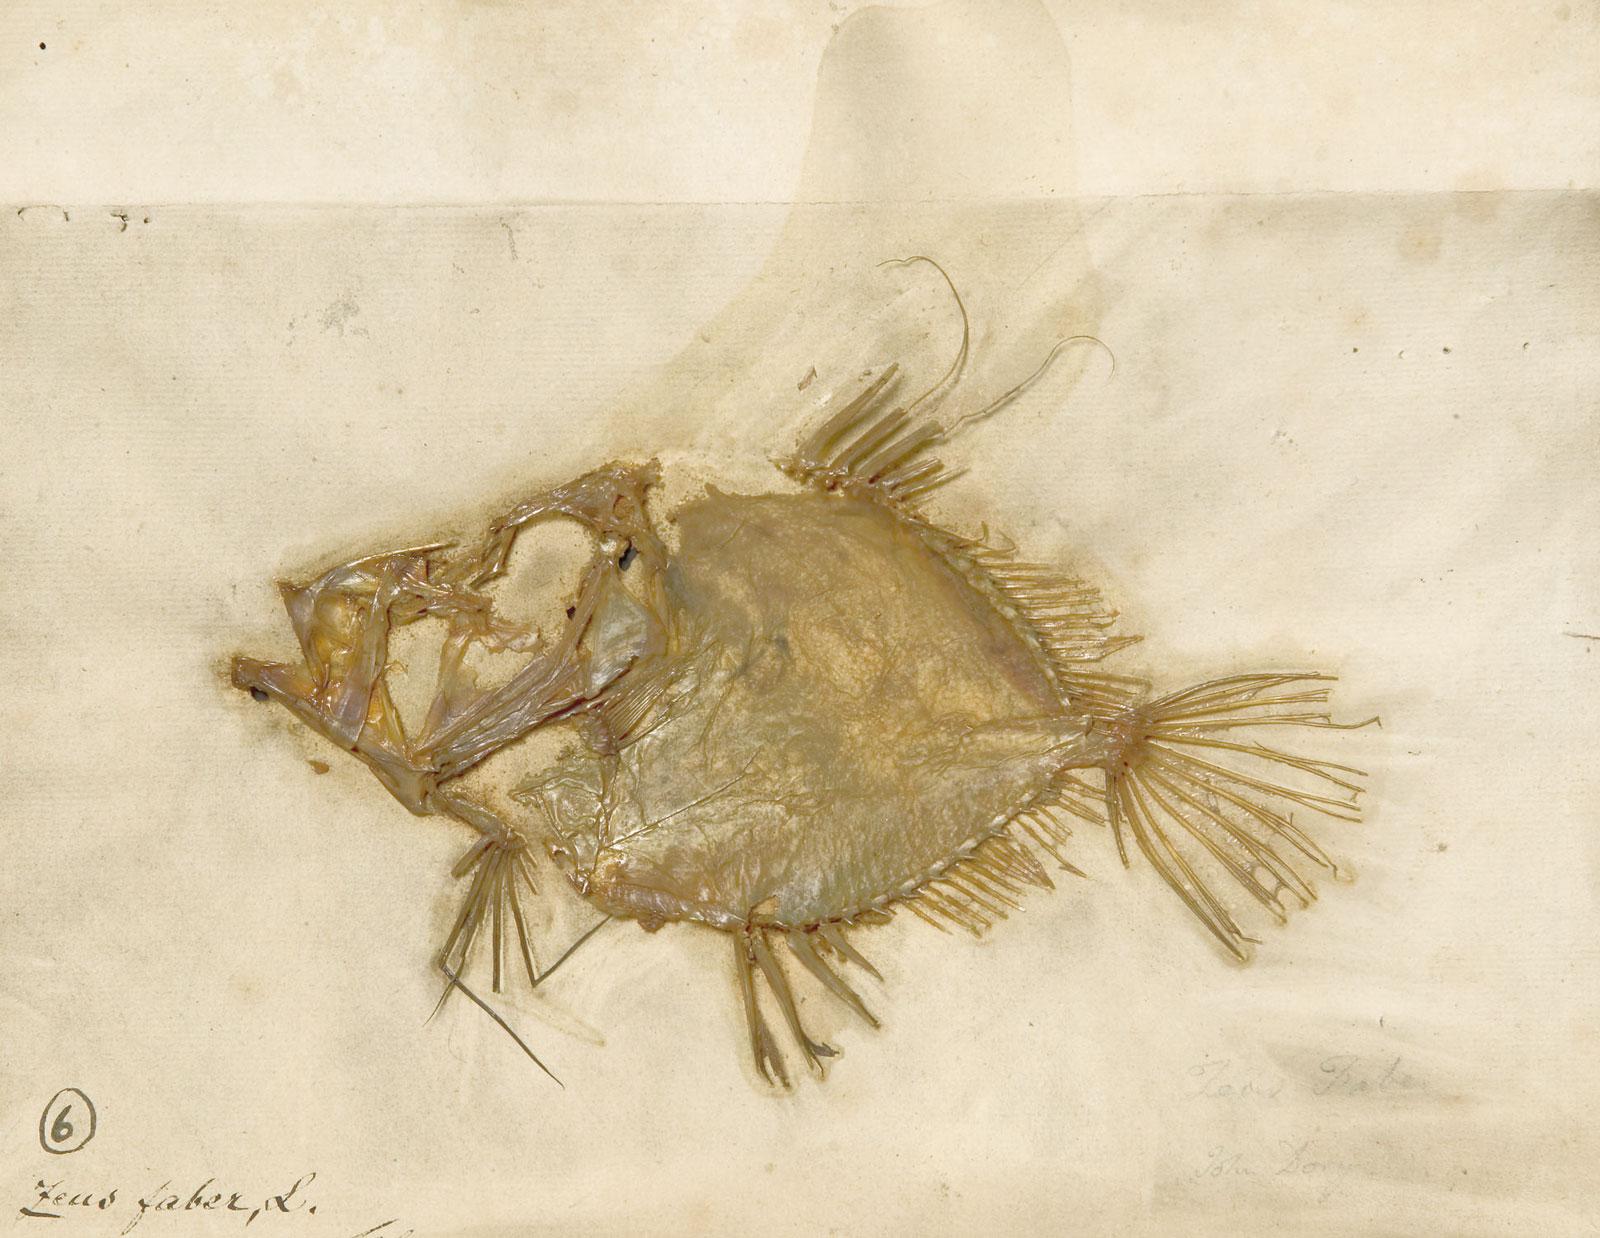 Pressed fish specimen (<em>Zeus faber</em>) collected by Carl Linnaeus, 1758